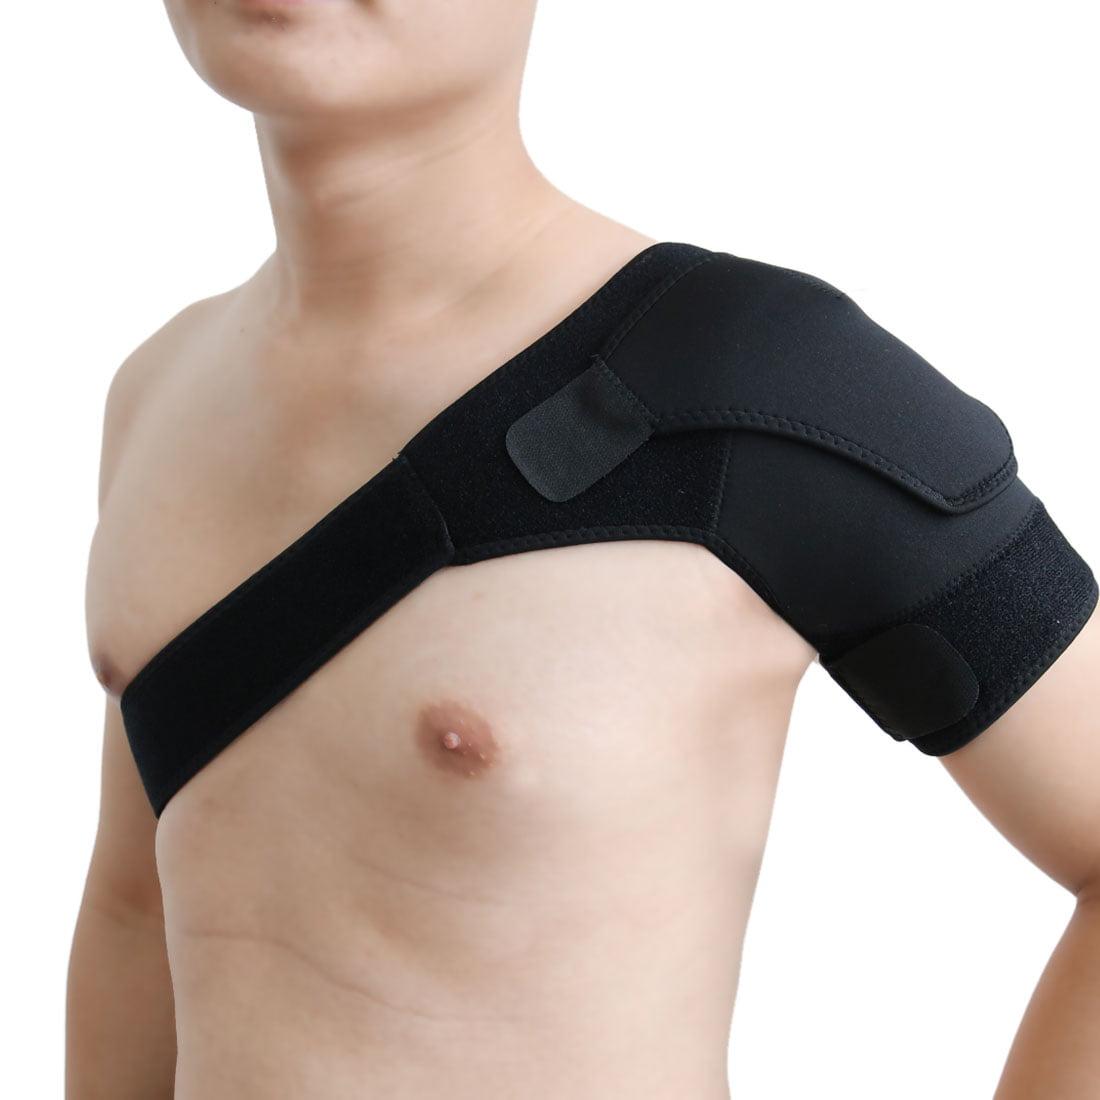 Black Left Shoulder Sleeves Back Posture Corrector Support Brace  Belt